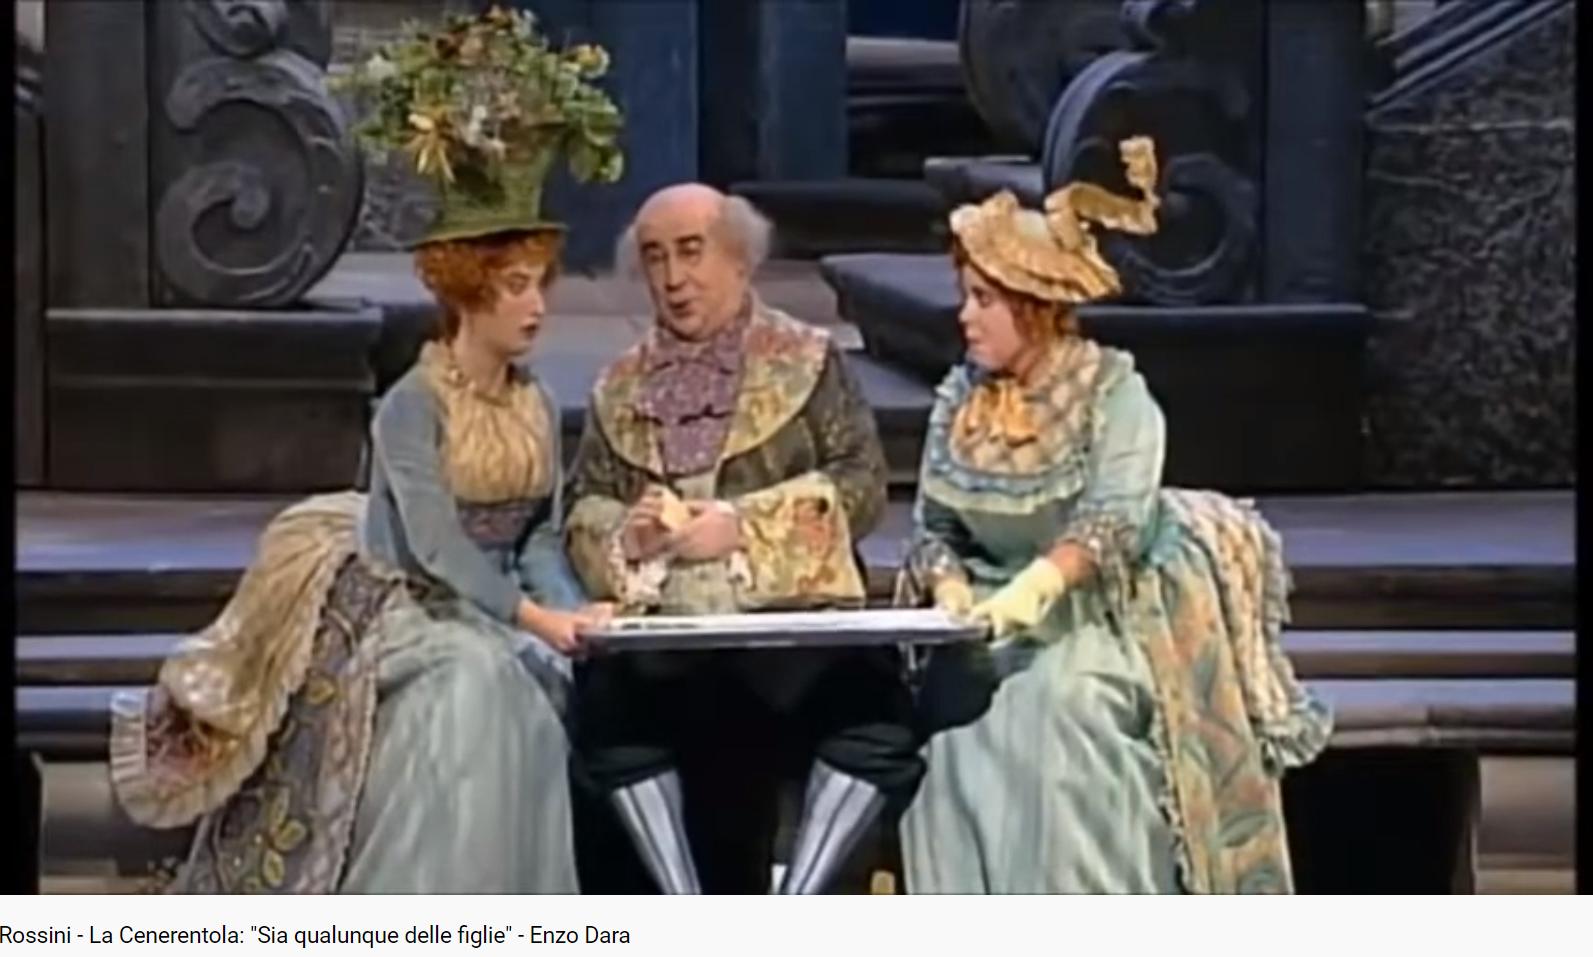 Rossini La Cenerentola Sia qualunque delle figlie